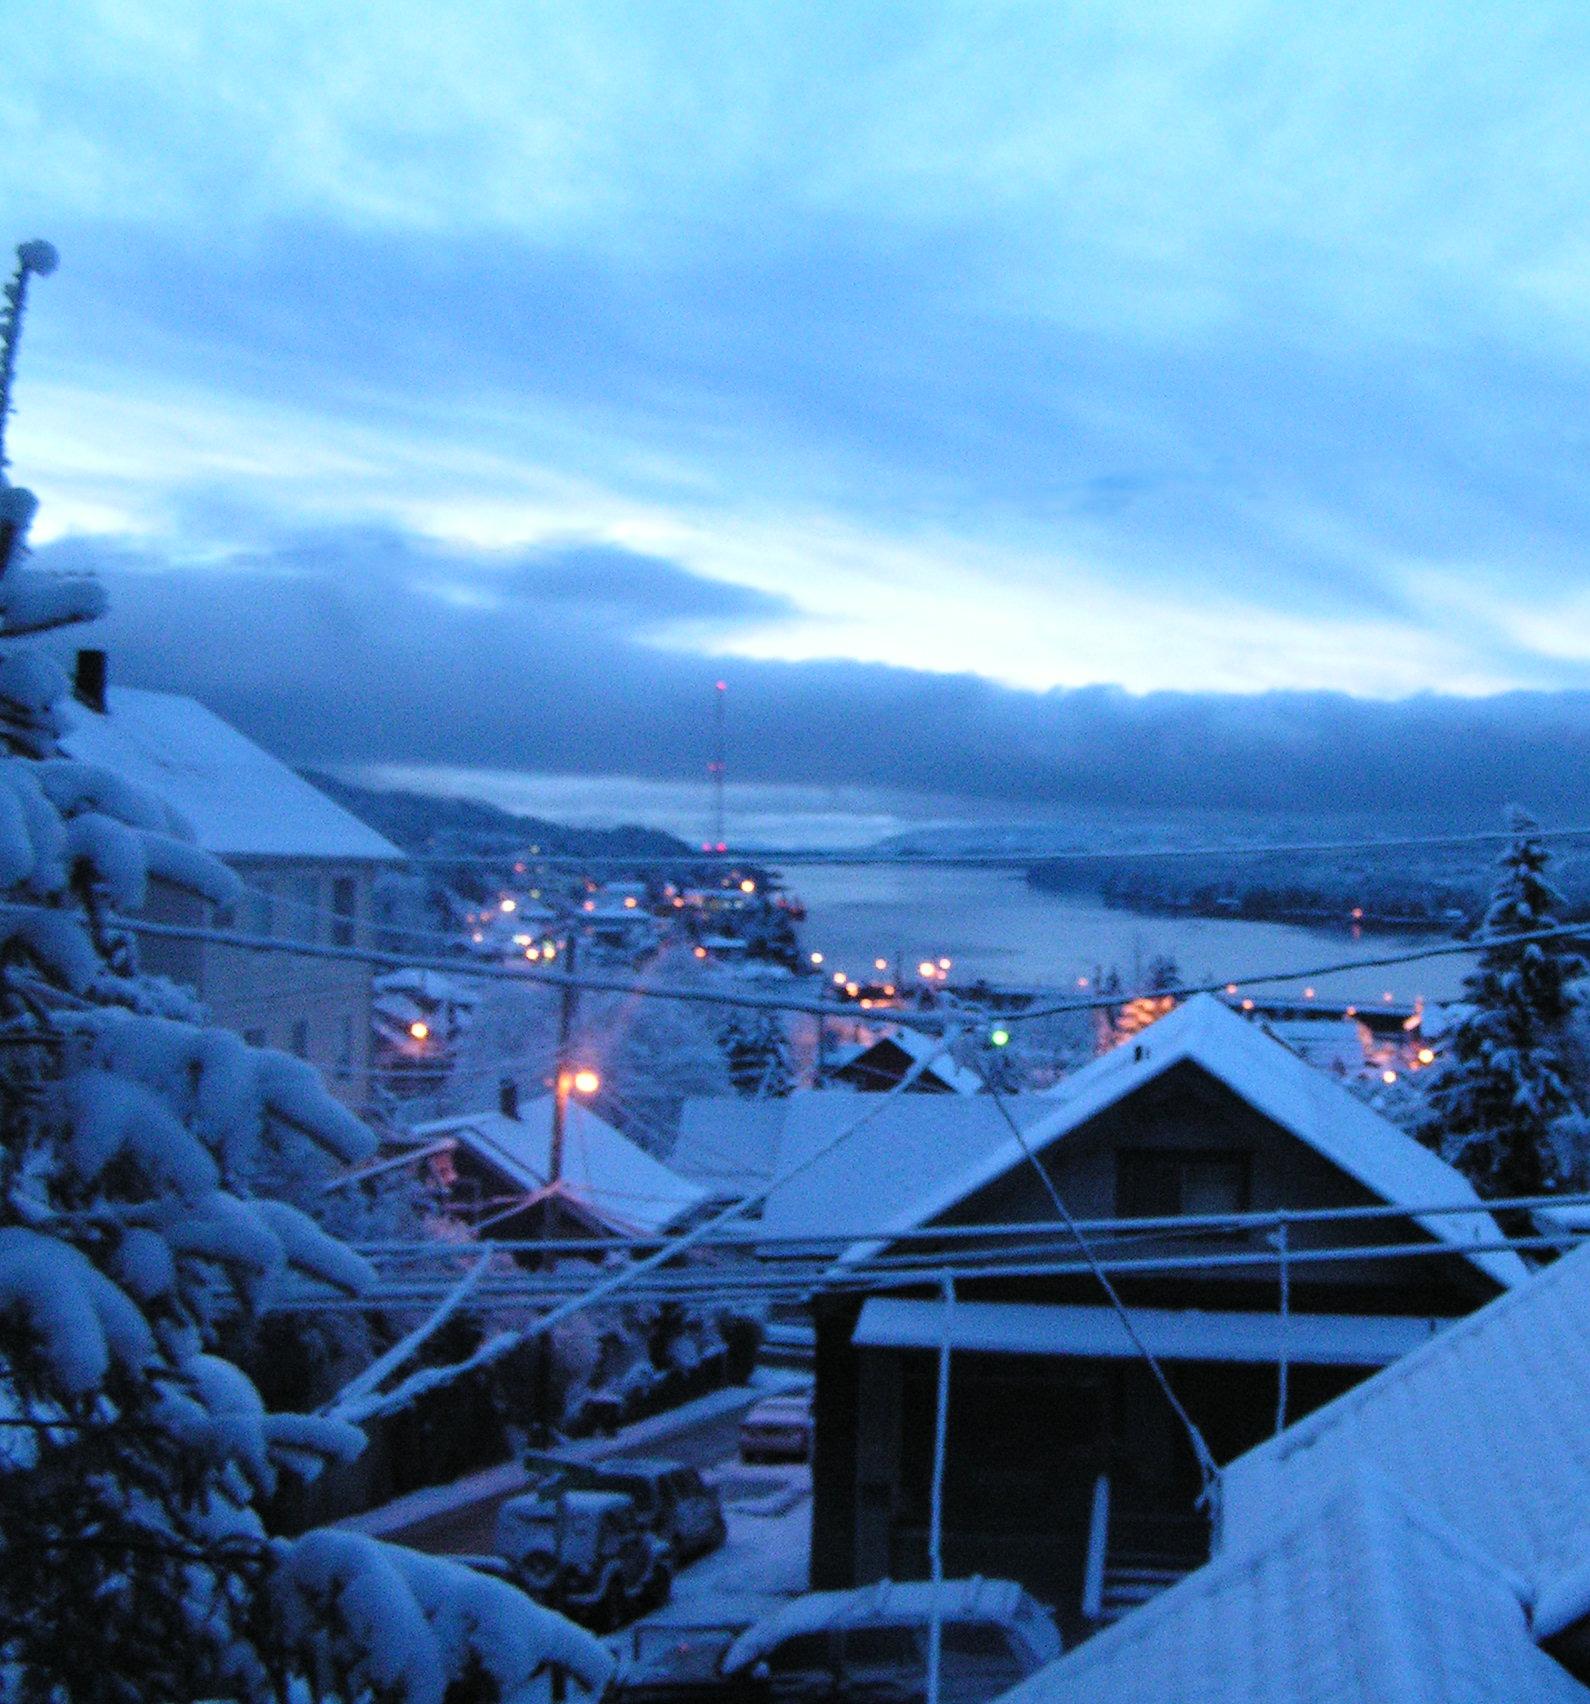 A snowy morning in Ketchikan, Alaska.